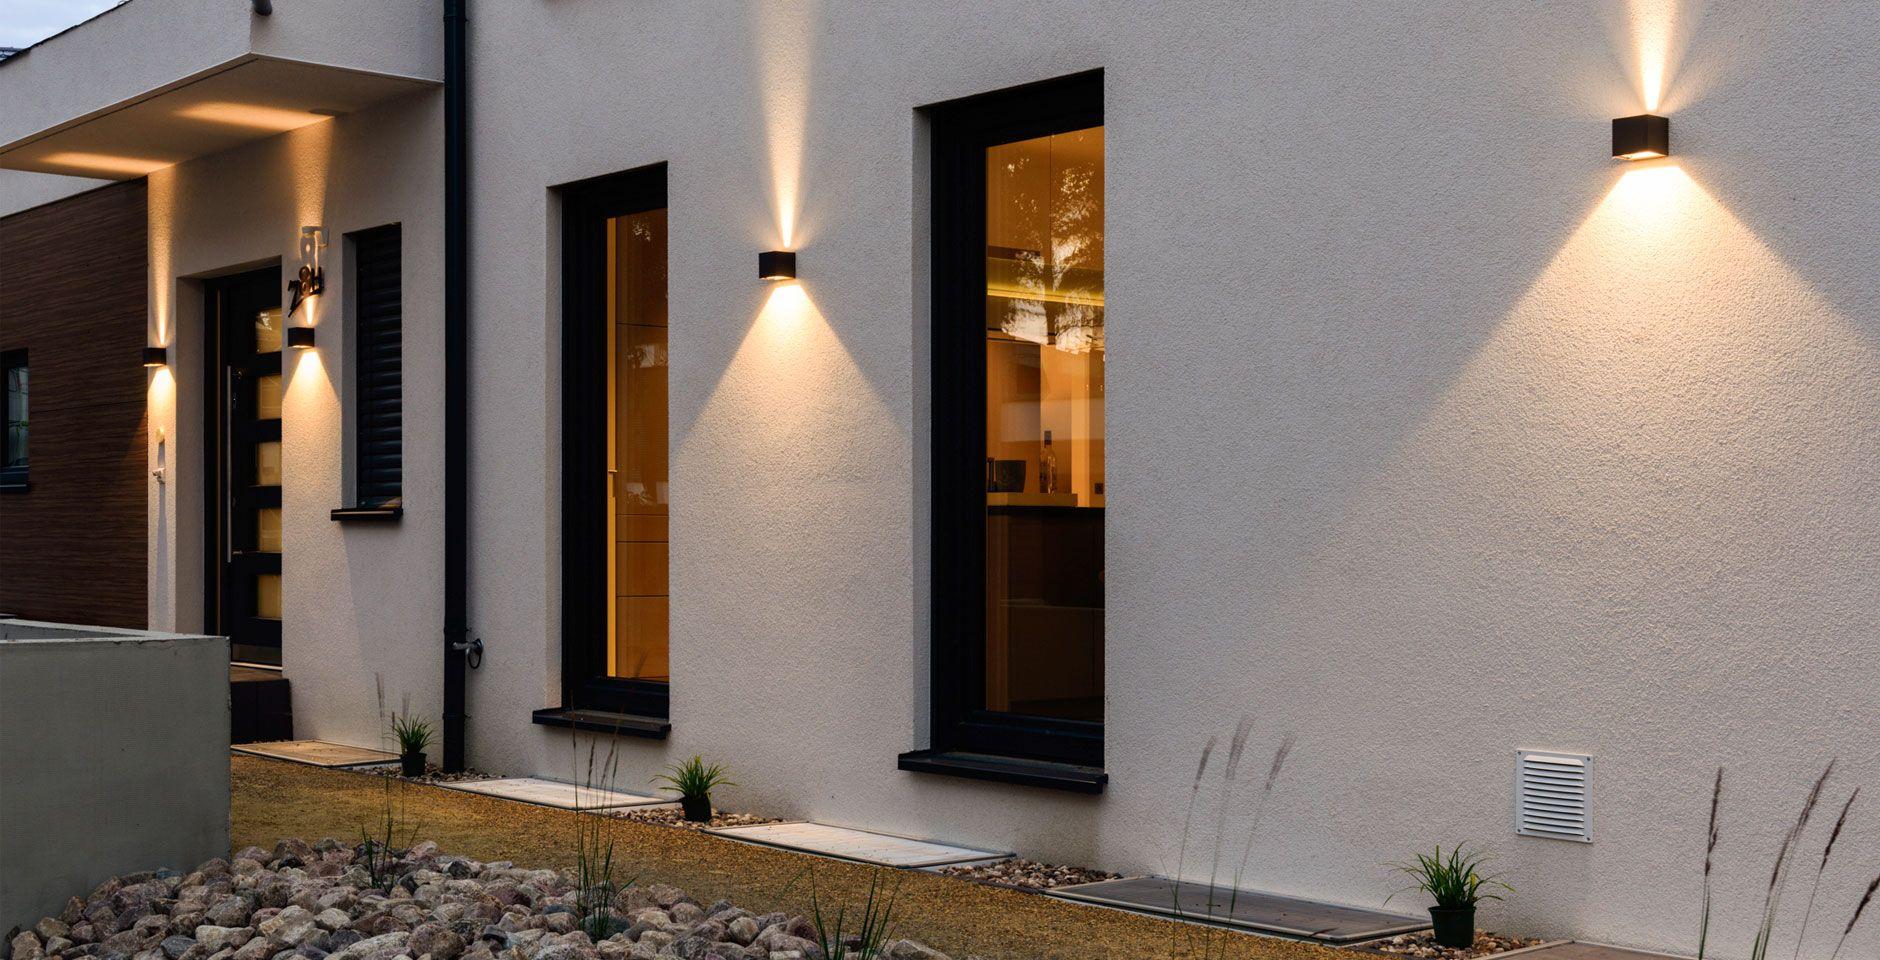 base p.037 Zweiseitig Strahlende Verstellbare LED Außen Wandleuchten - CRI>90 #backyardmakeover